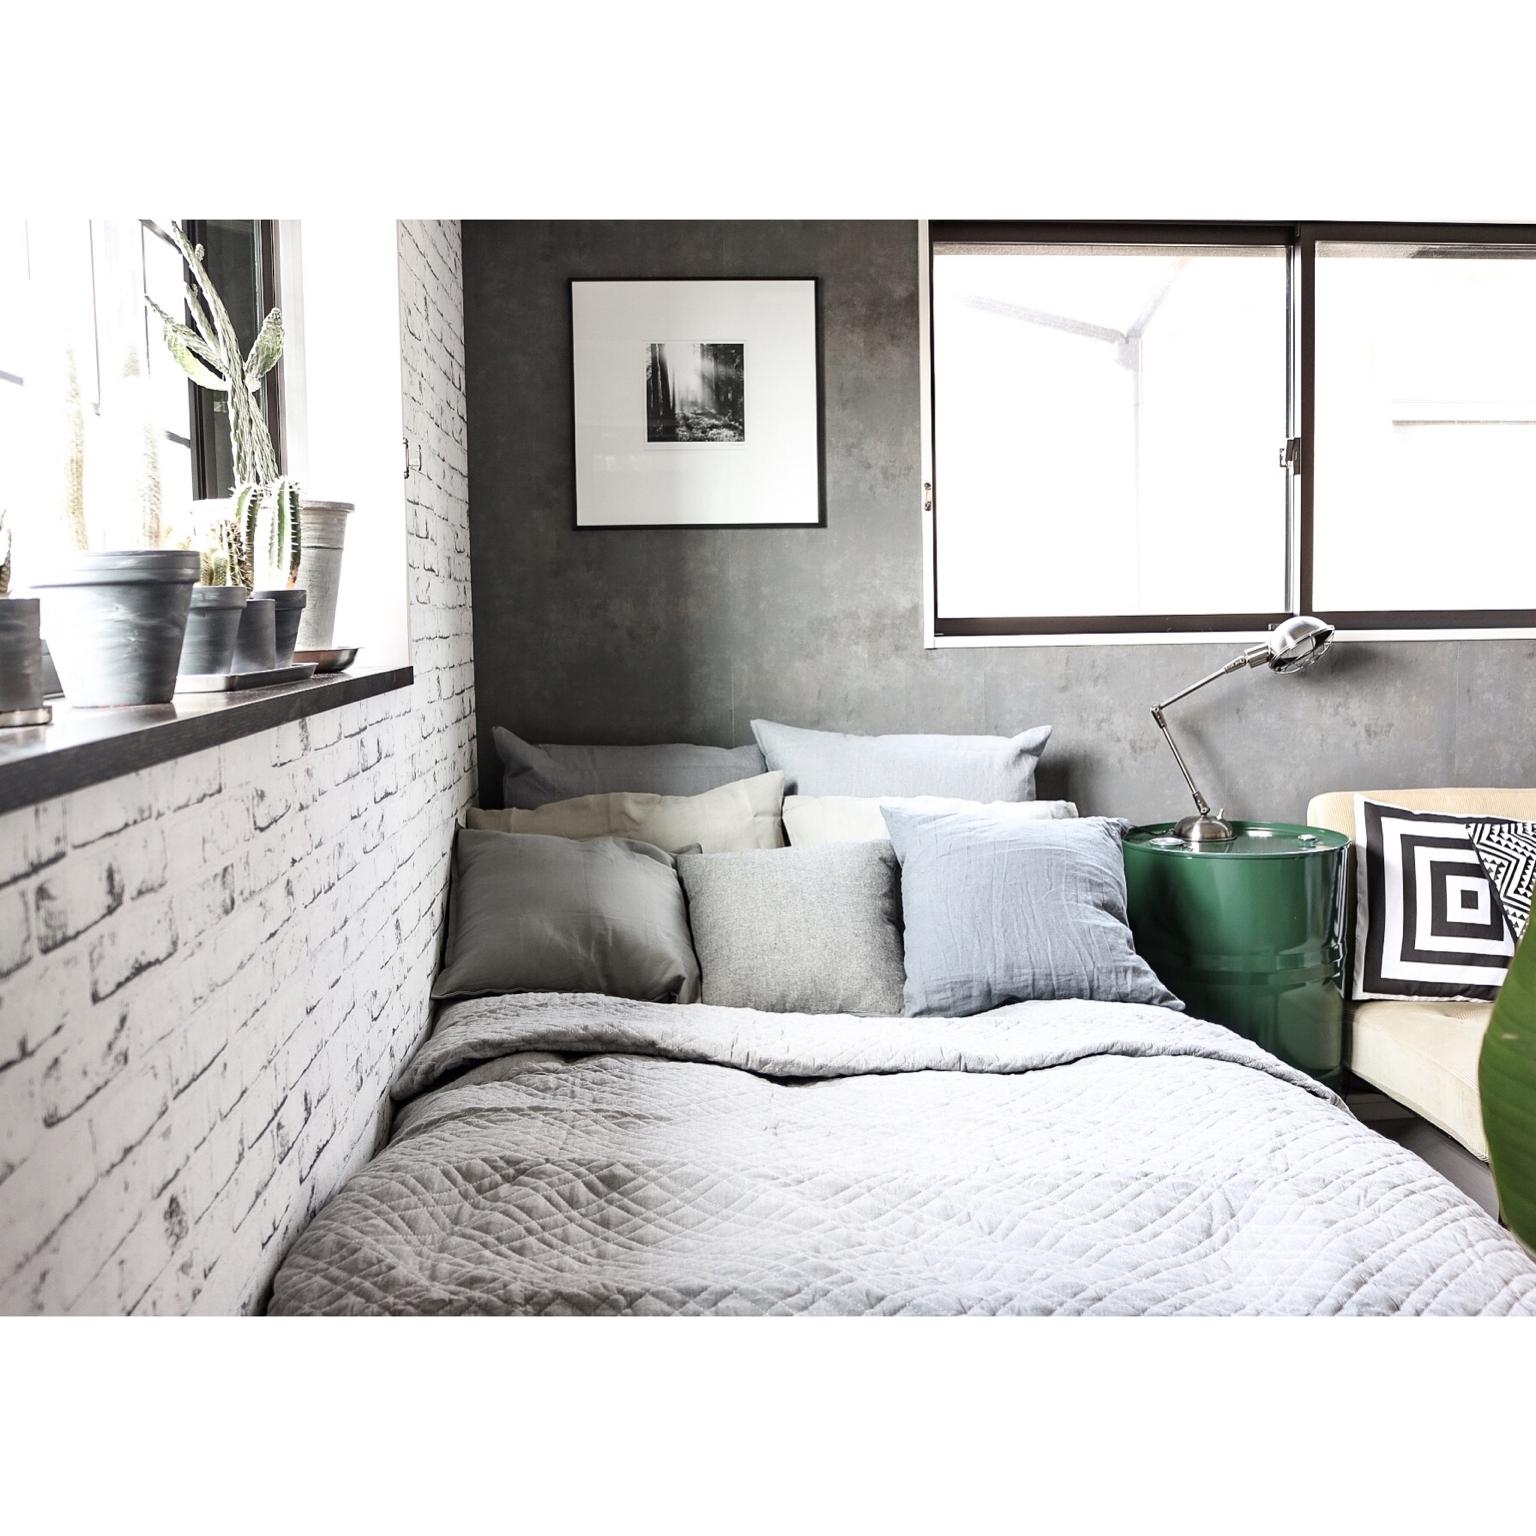 IKEAアイテムが優秀!ホテルライクな寝室の作り方 | RoomClip mag | 暮らしとインテリアのwebマガジン